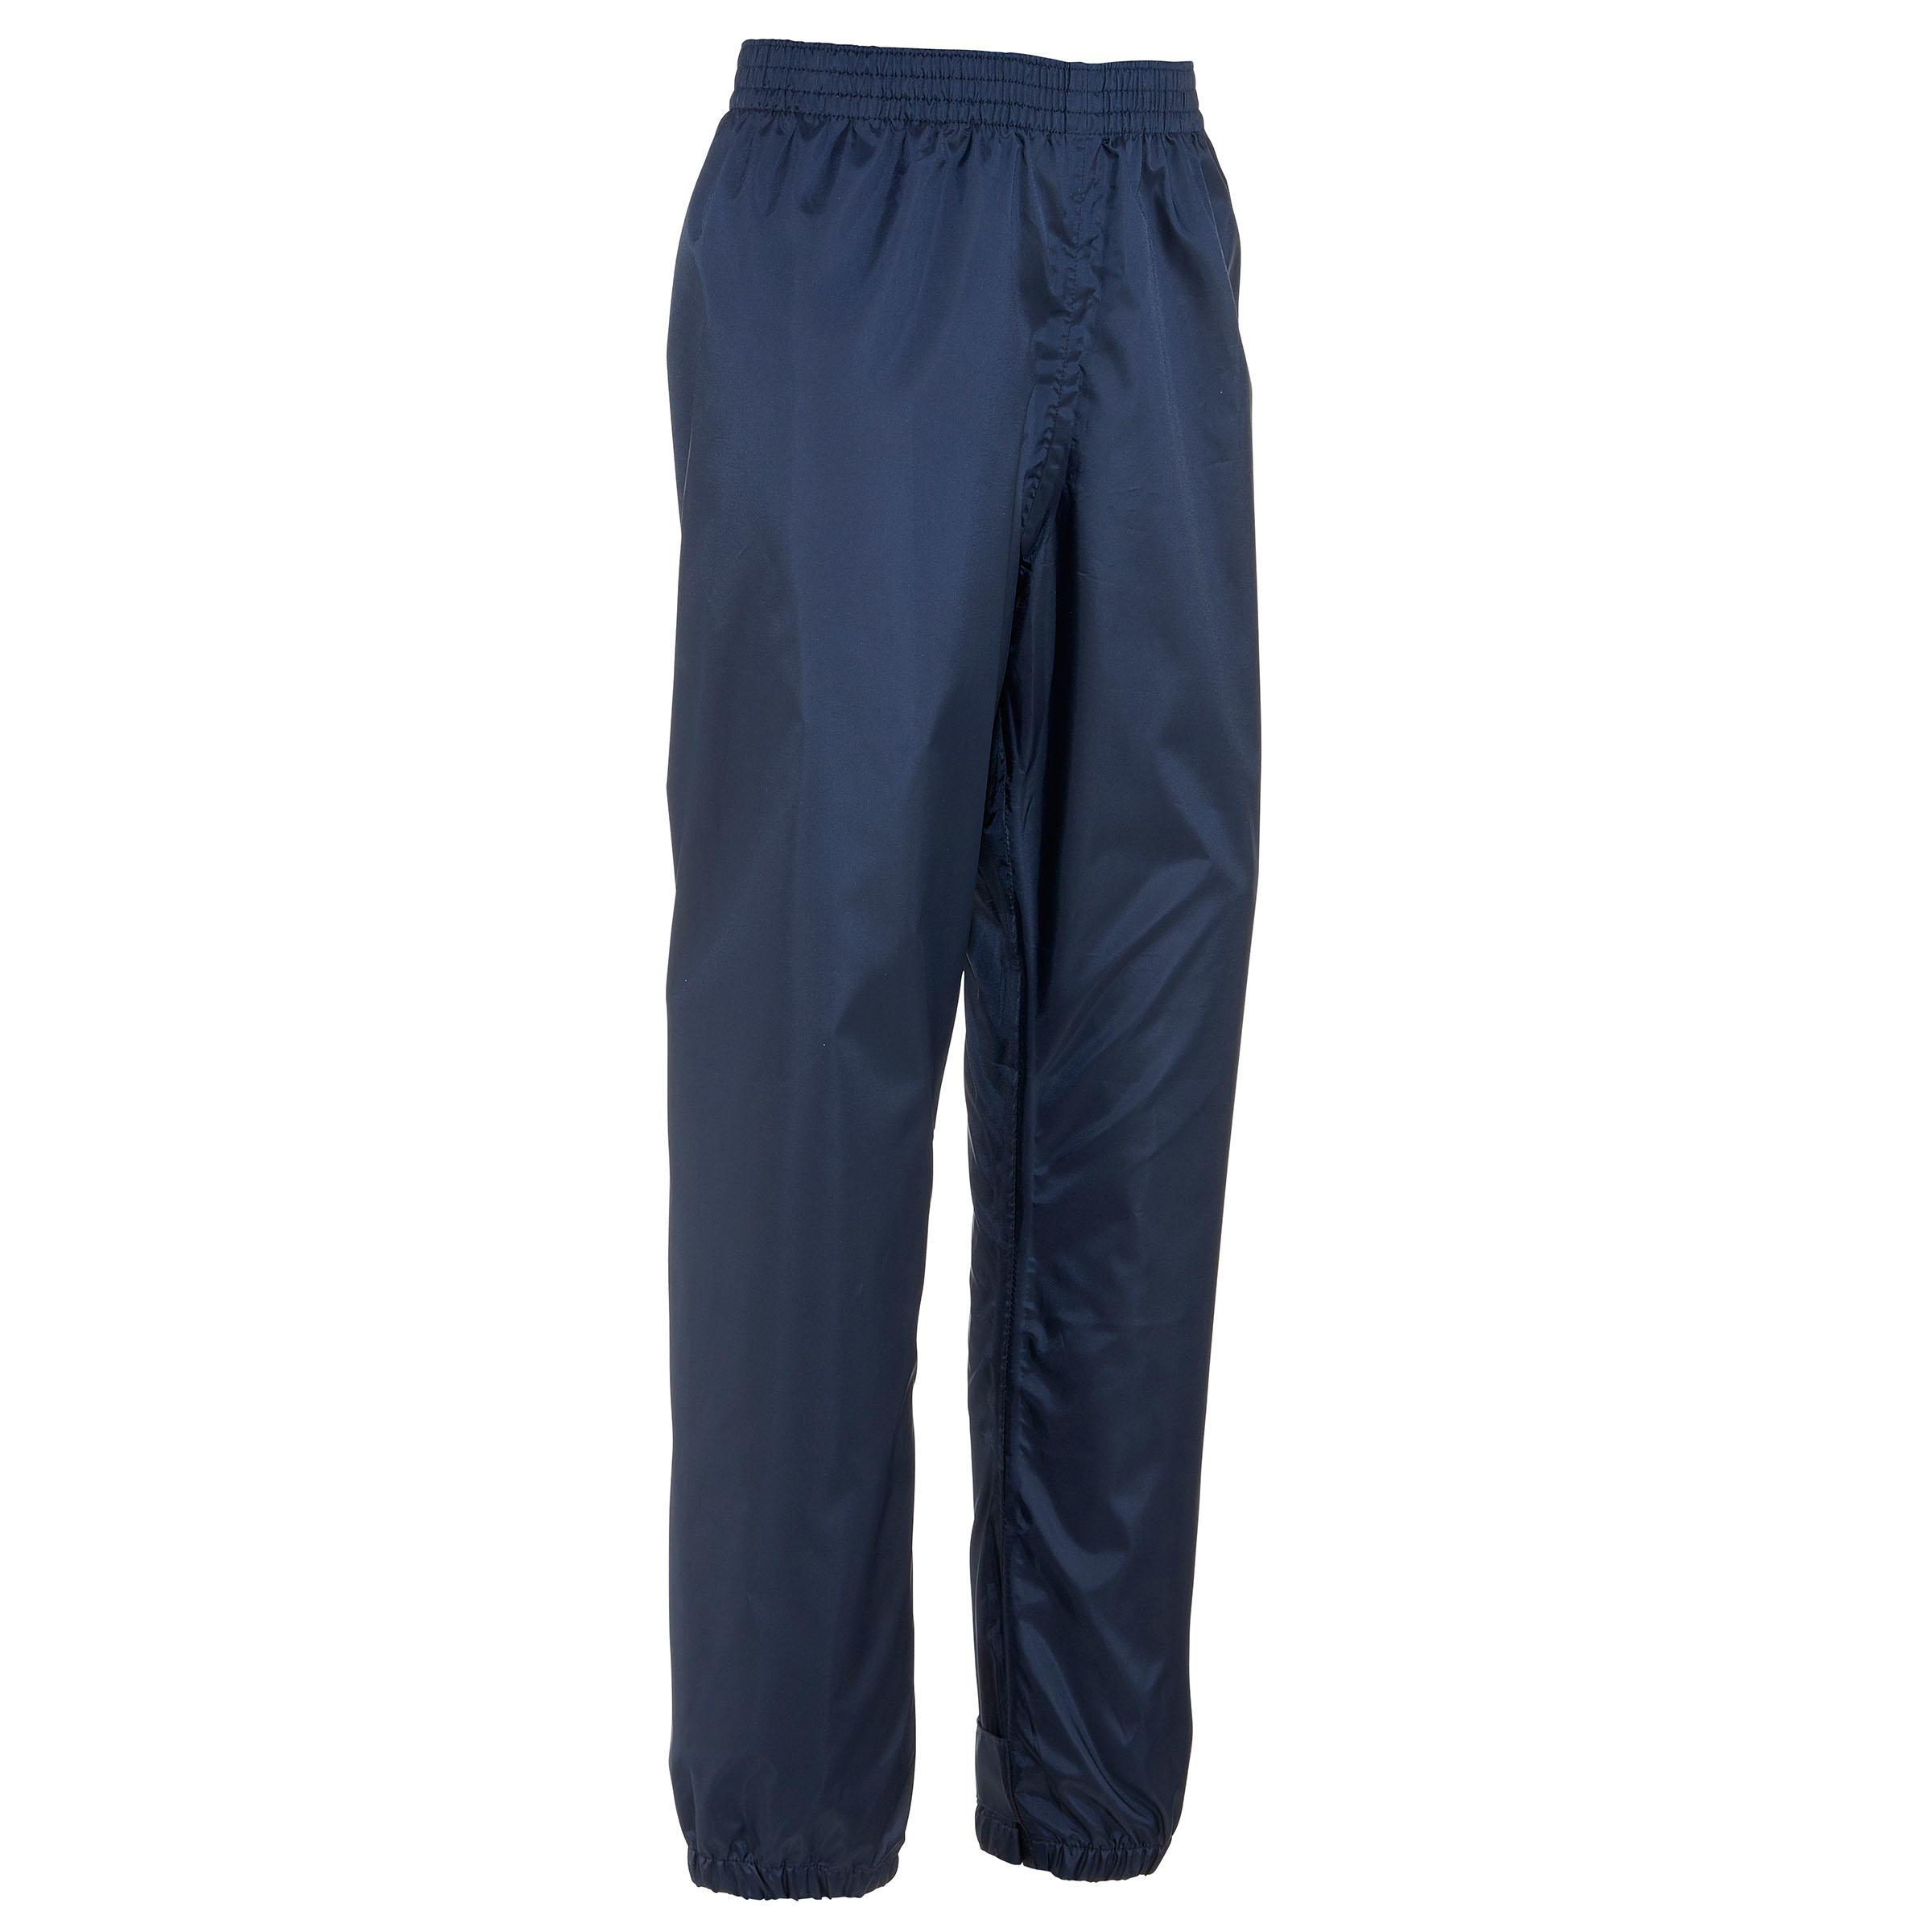 Sur pantalon imperméable de randonnée enfant mh100 bleu marine 2 au 6 ans quechua